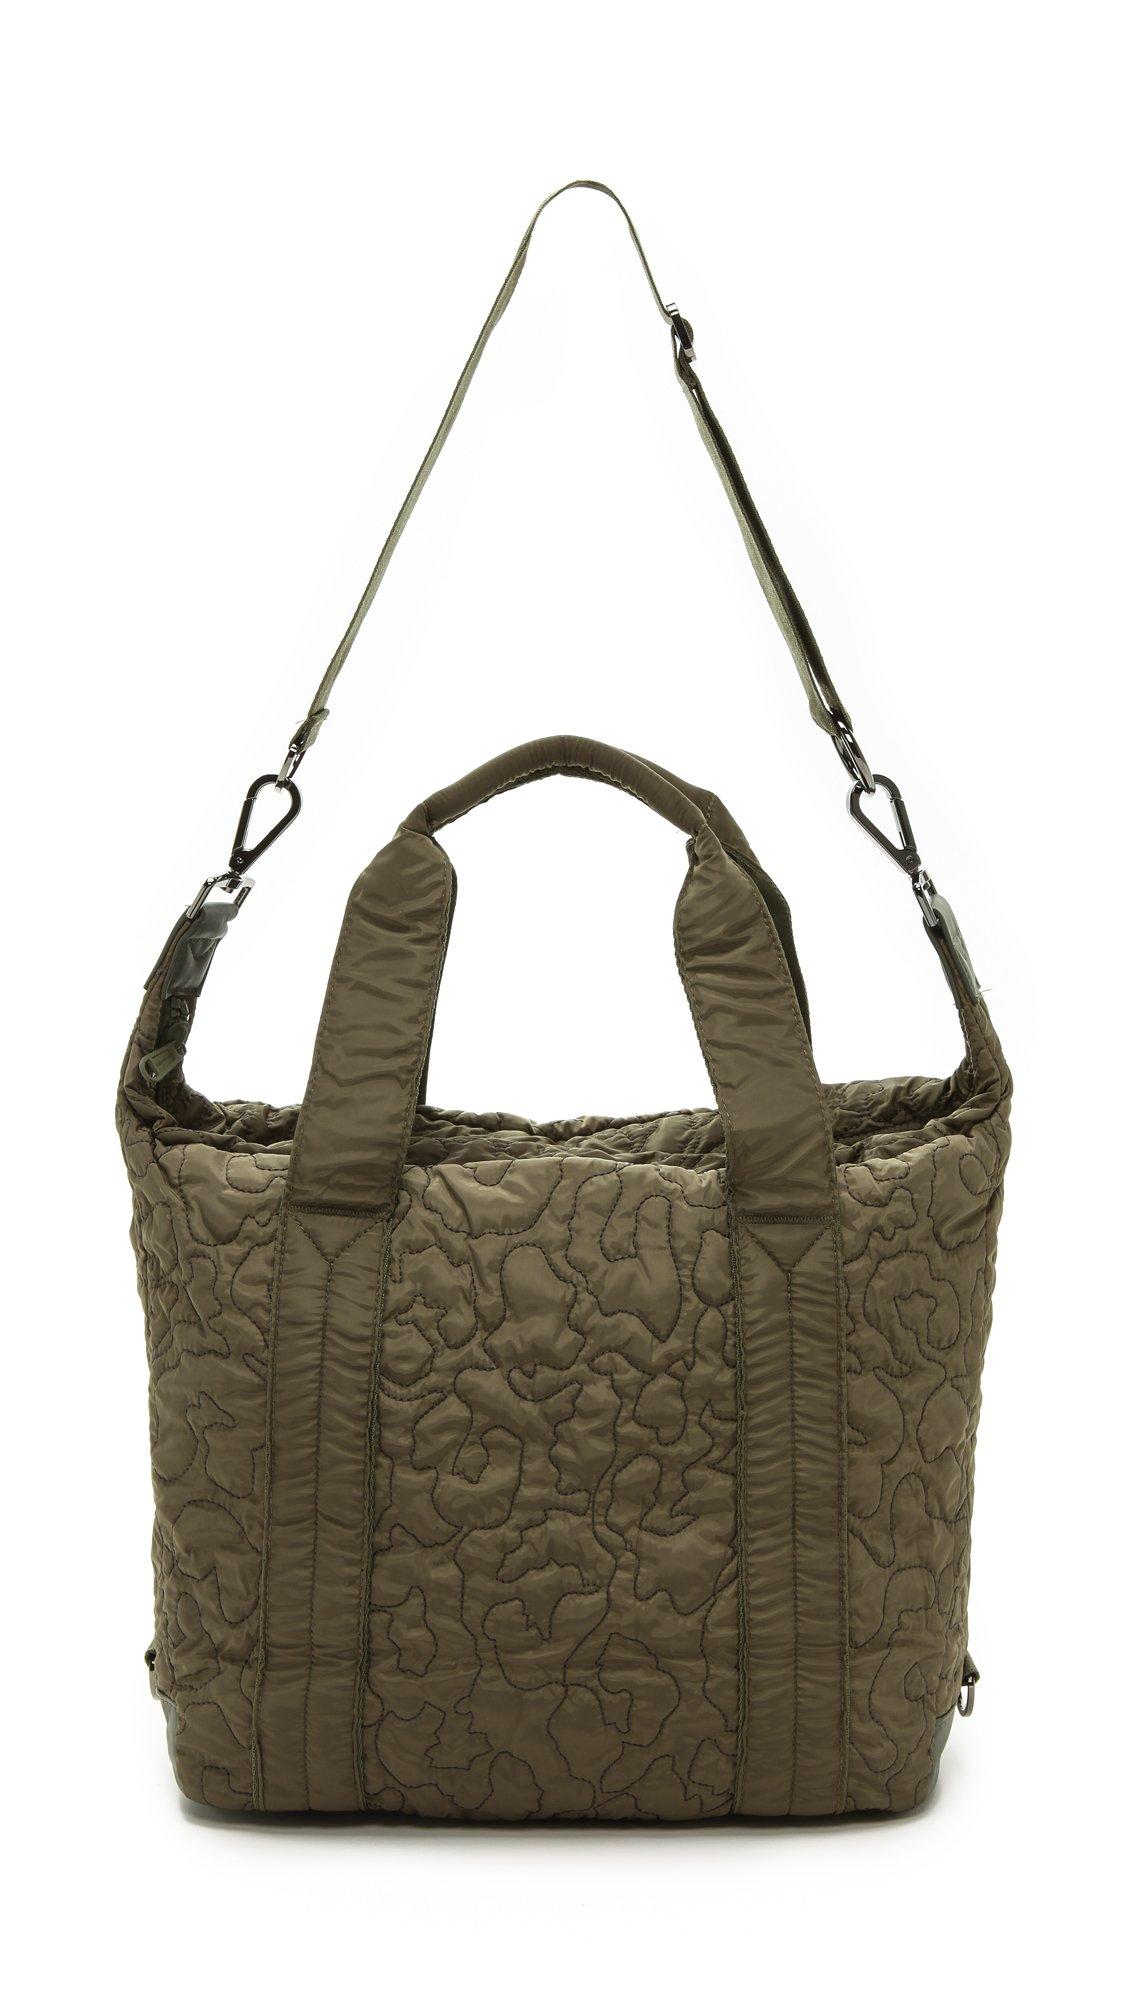 Lyst - adidas By Stella McCartney Small Gym Bag - Cargo in Green c50998a9ead06